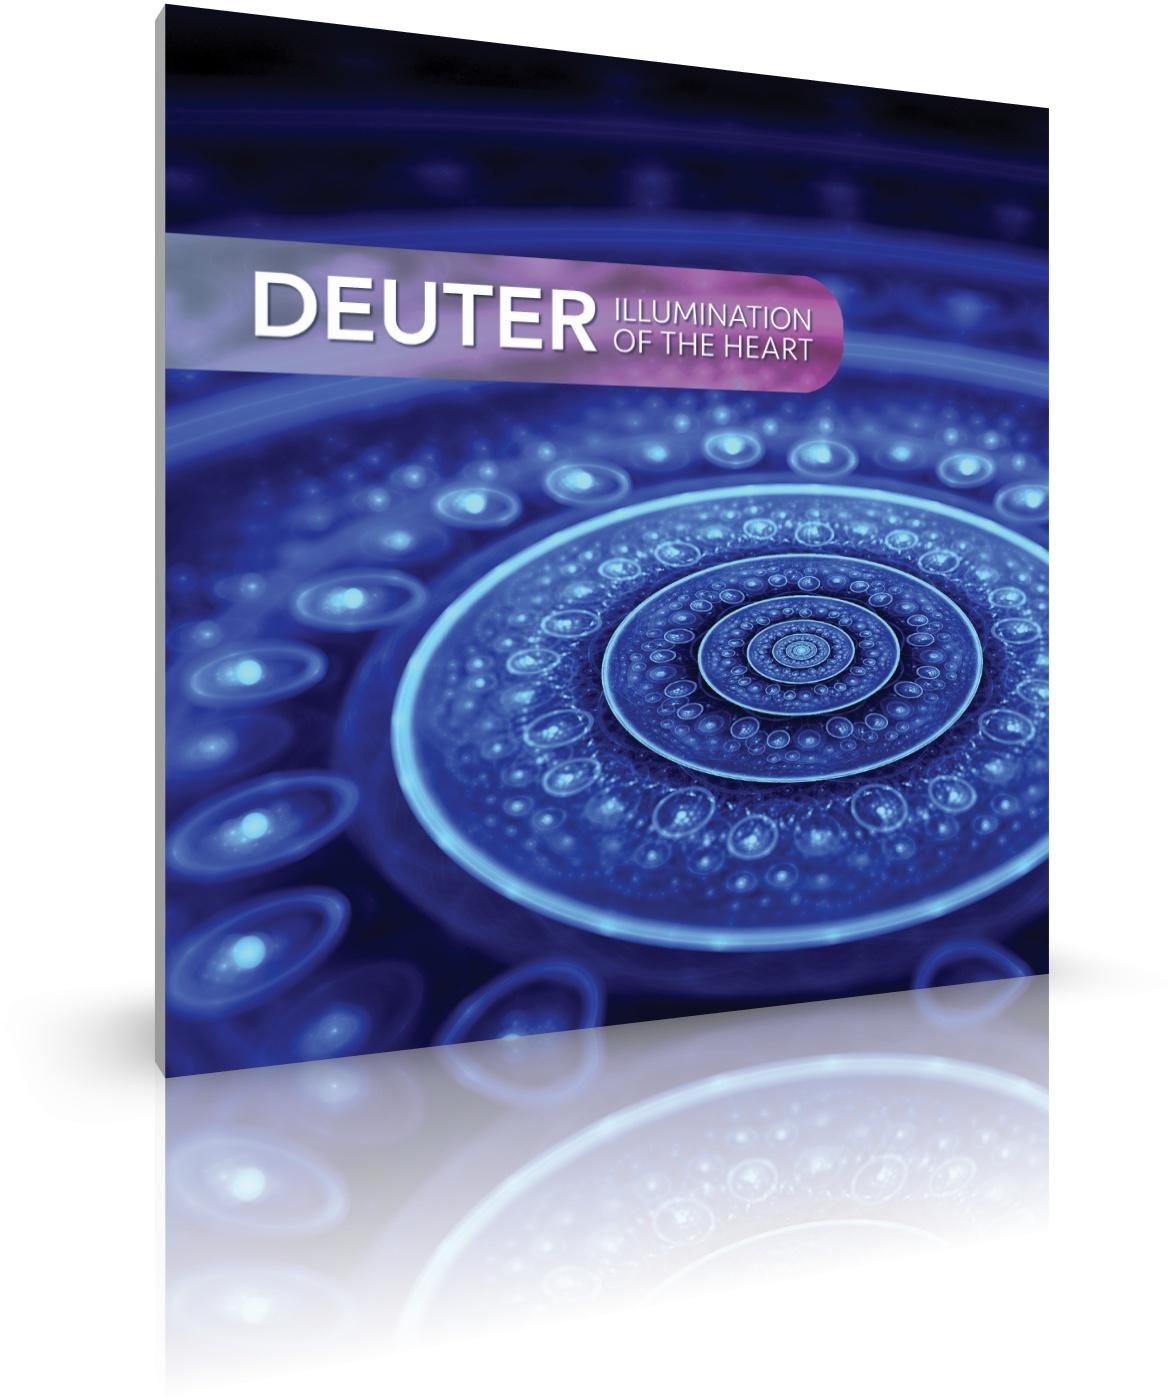 Illumination of the heart von Deuter (CD)